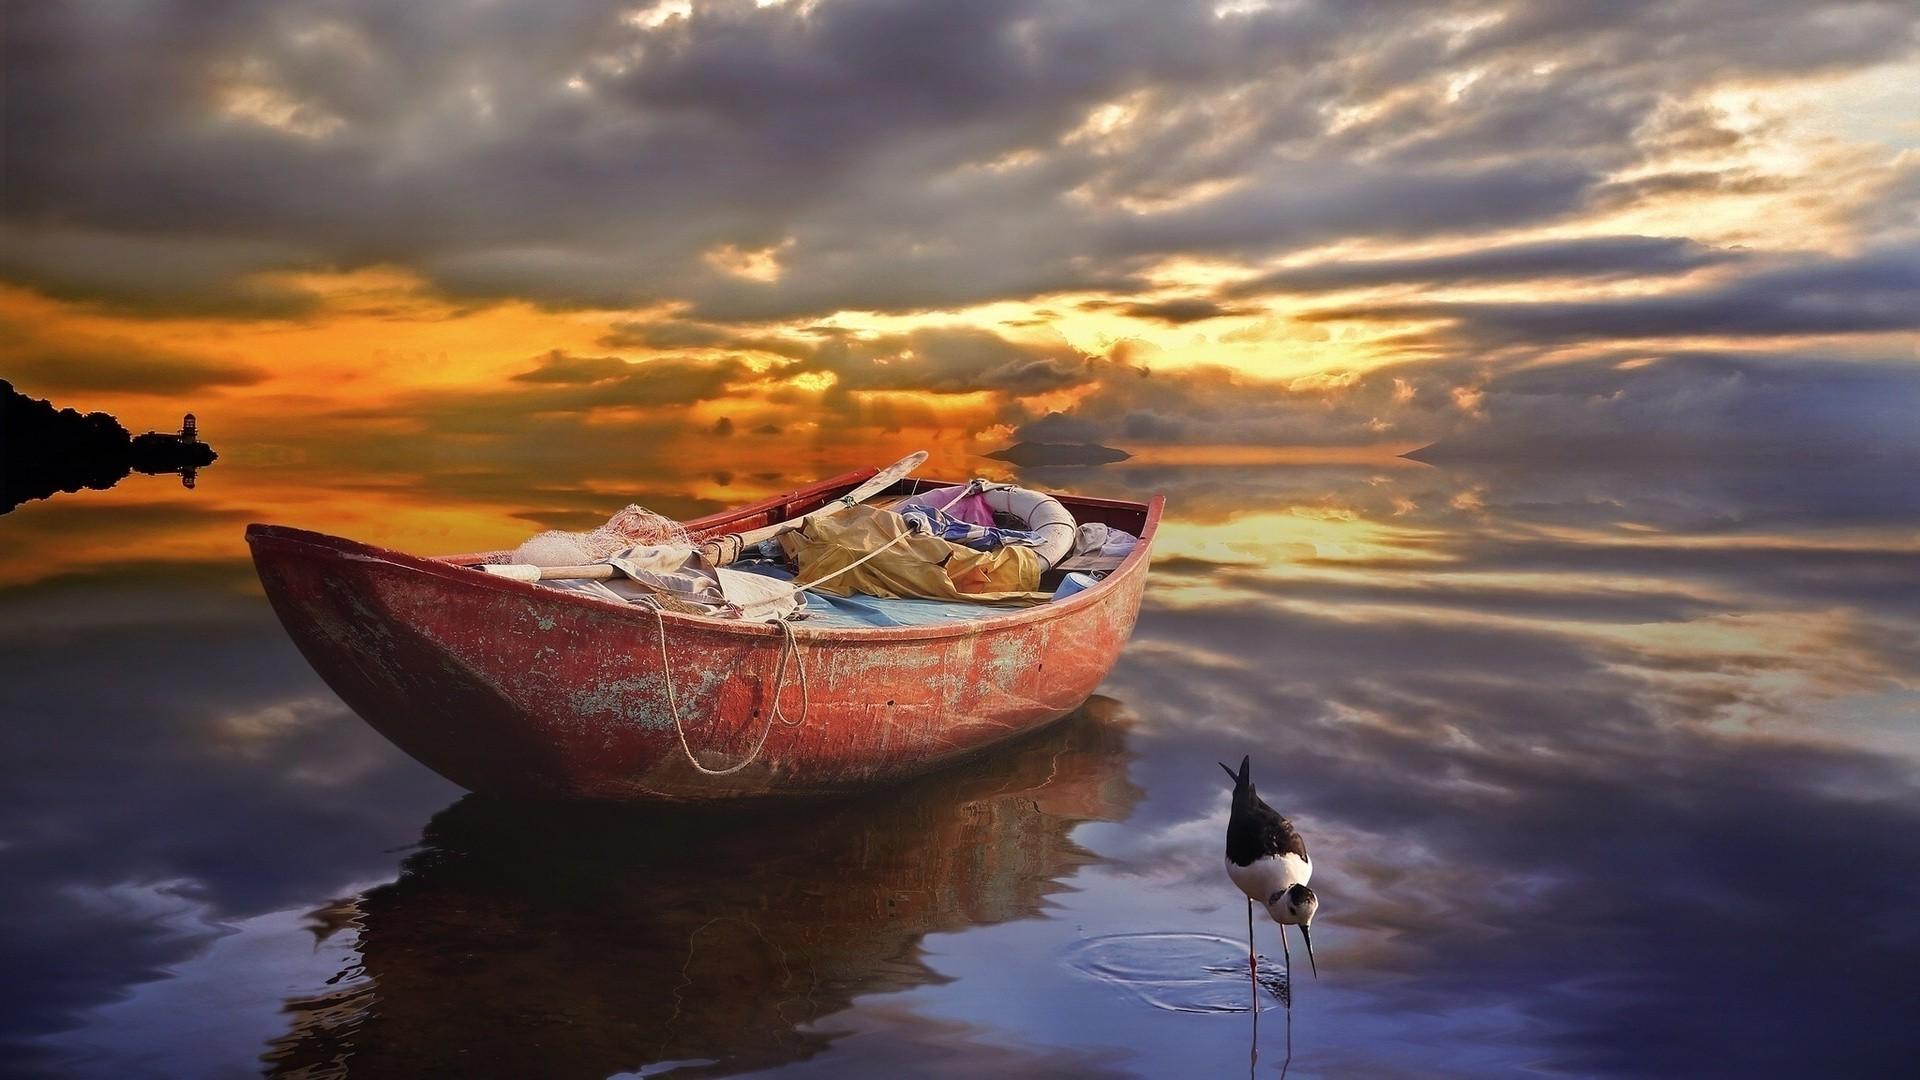 В соннике фрейда лодка ассоциируется с отношениями между людьми.